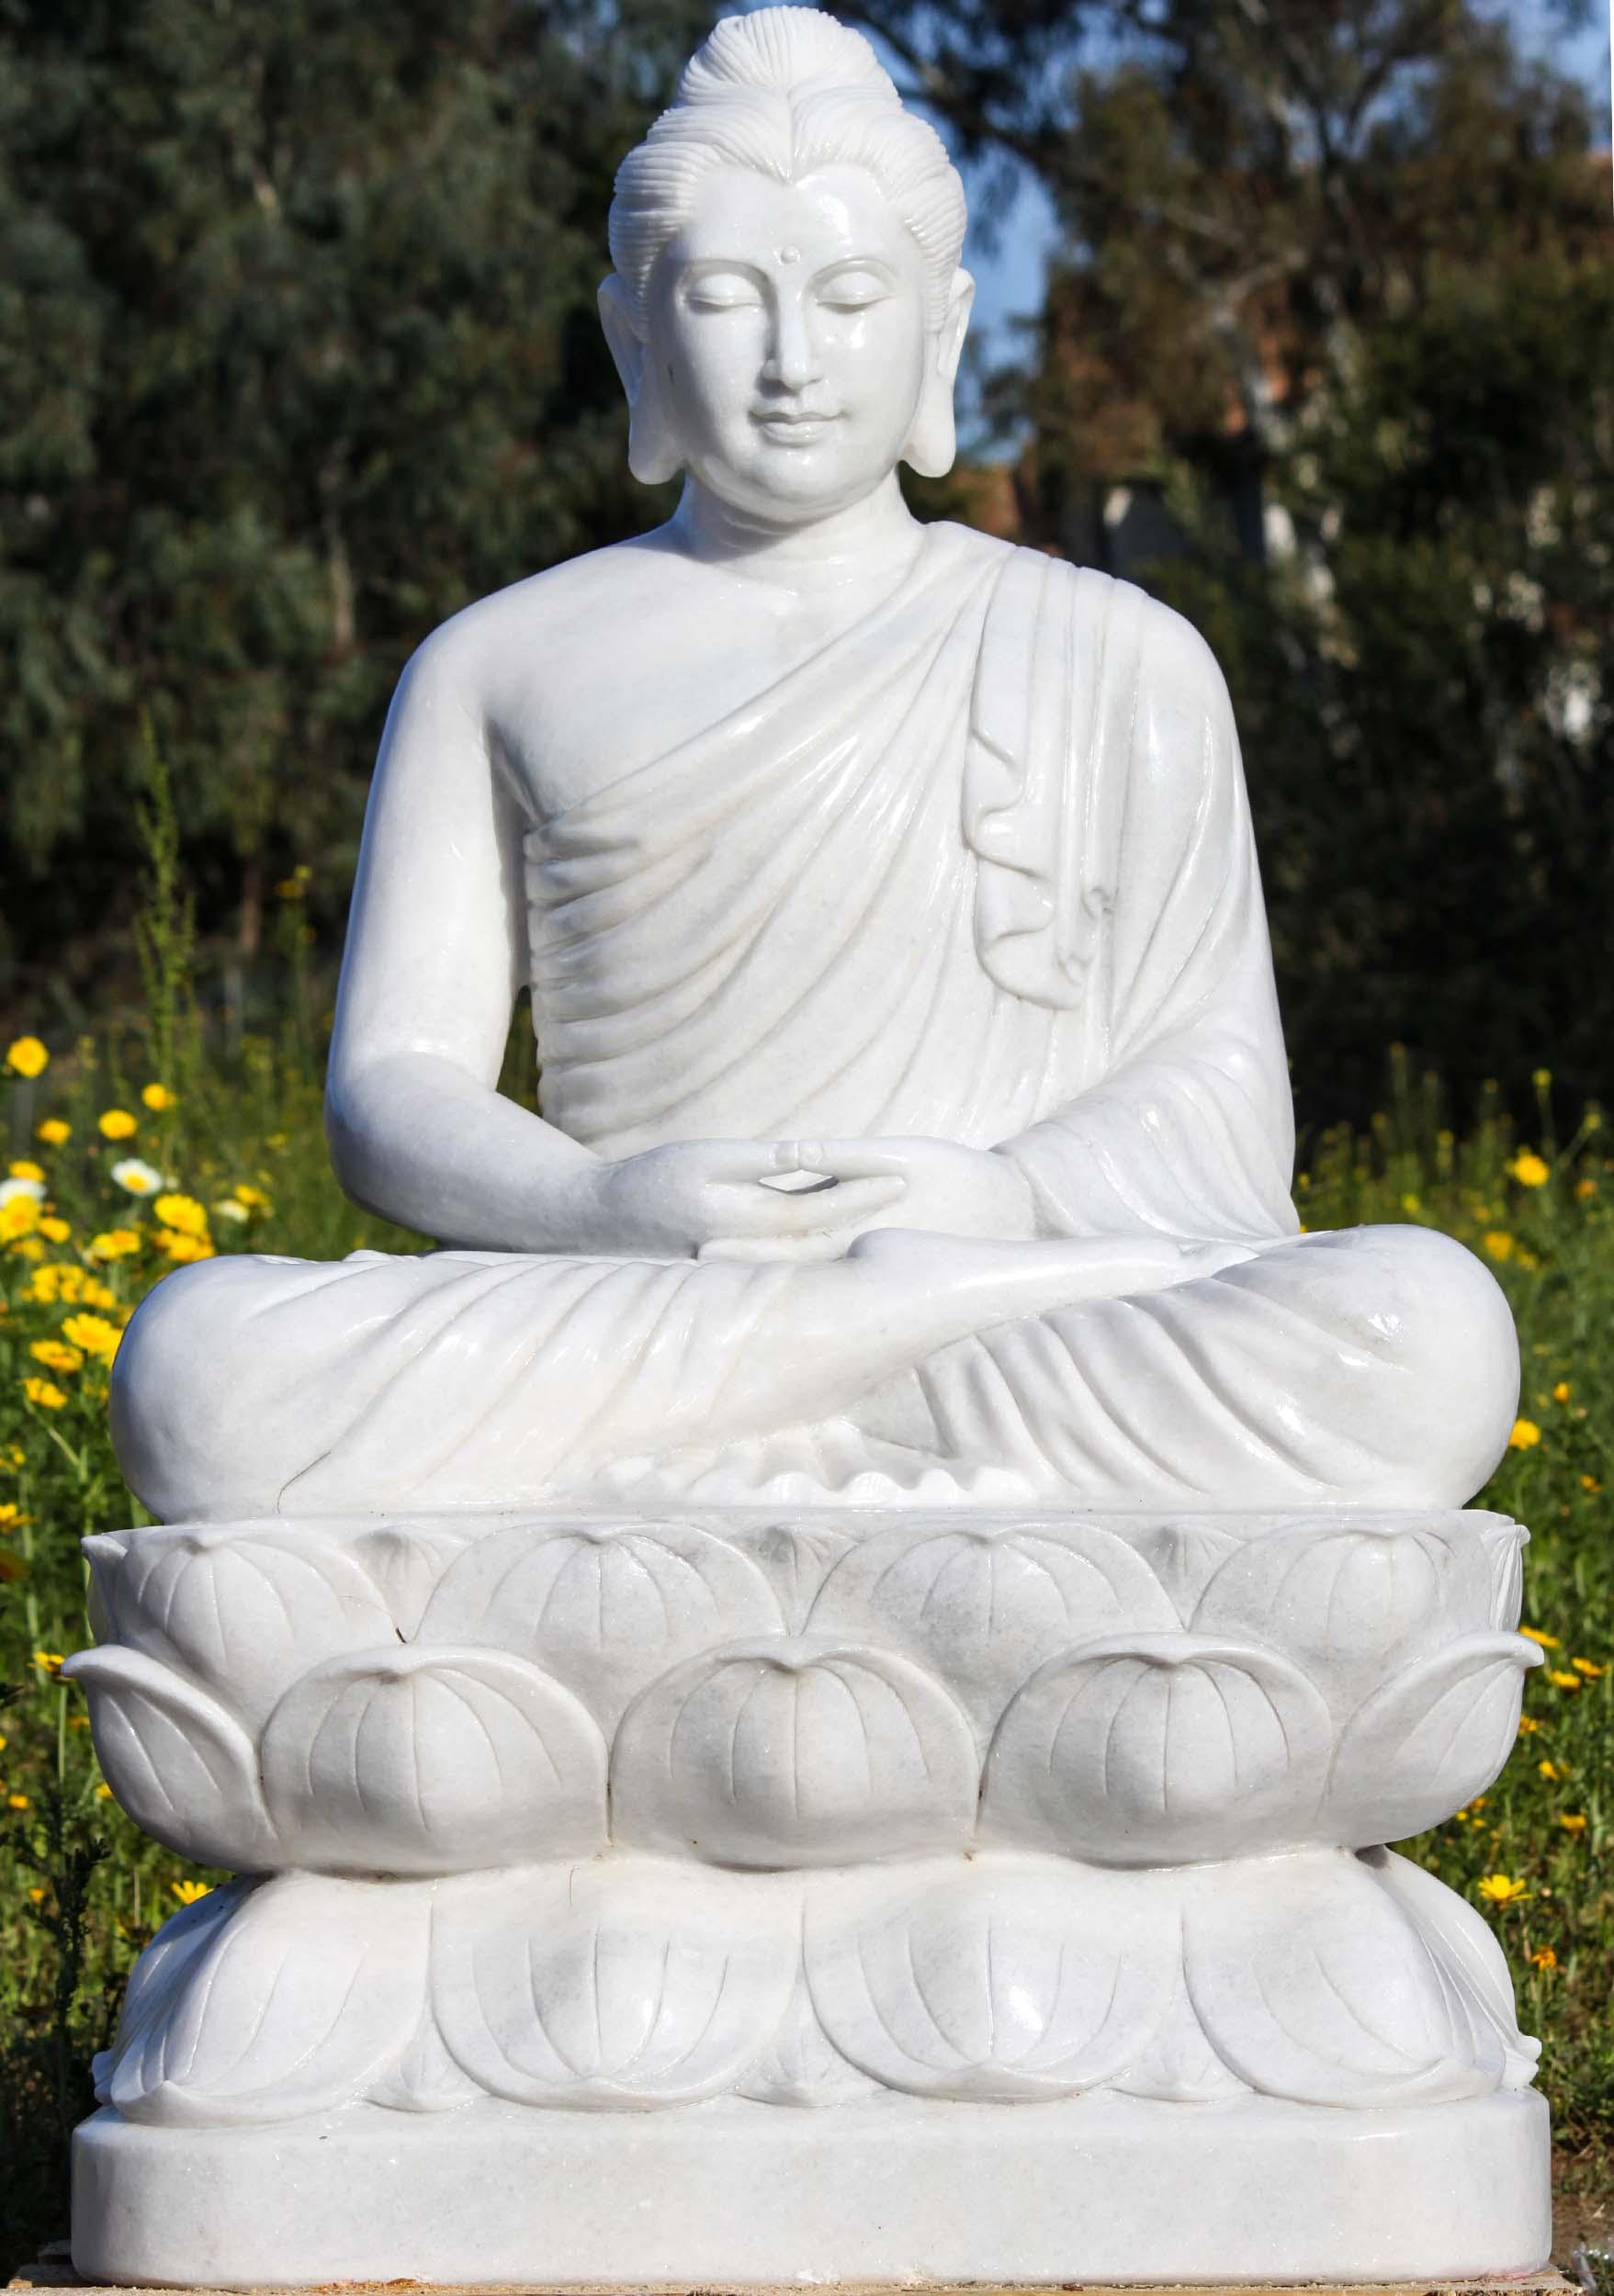 White Marble Gandhara Buddha Statue 49 90wm6 Hindu Gods Buddha Statues